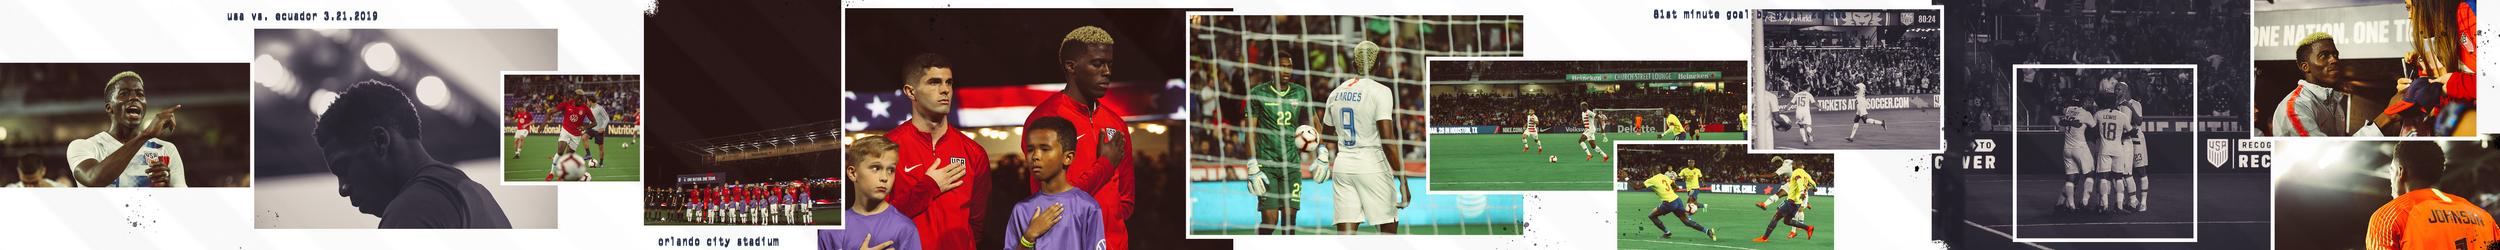 US SOCCER: Matchday vs. Ecuador